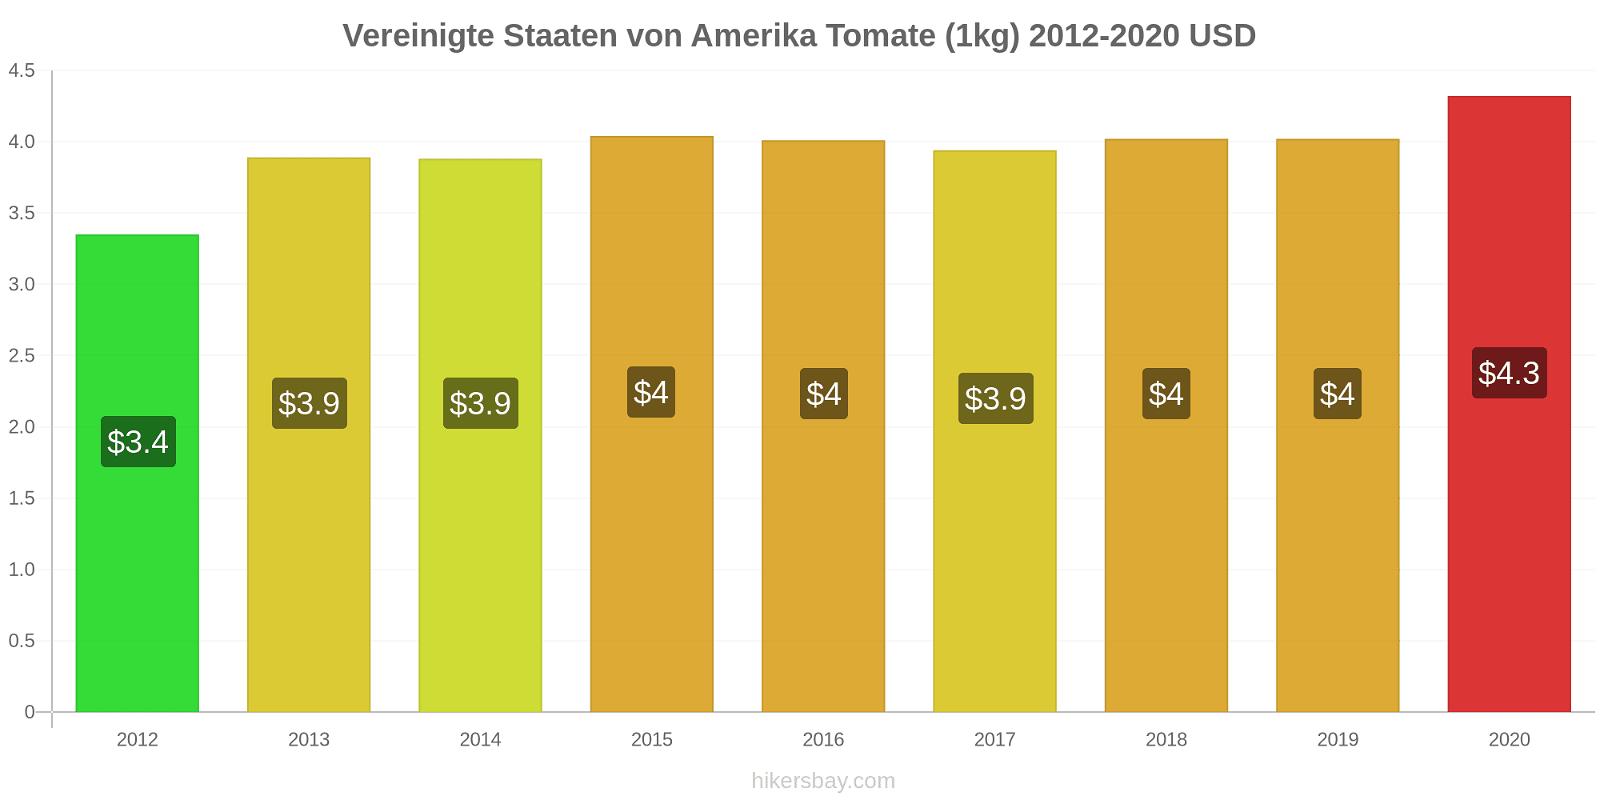 Vereinigte Staaten von Amerika Preisänderungen Tomaten (1kg) hikersbay.com